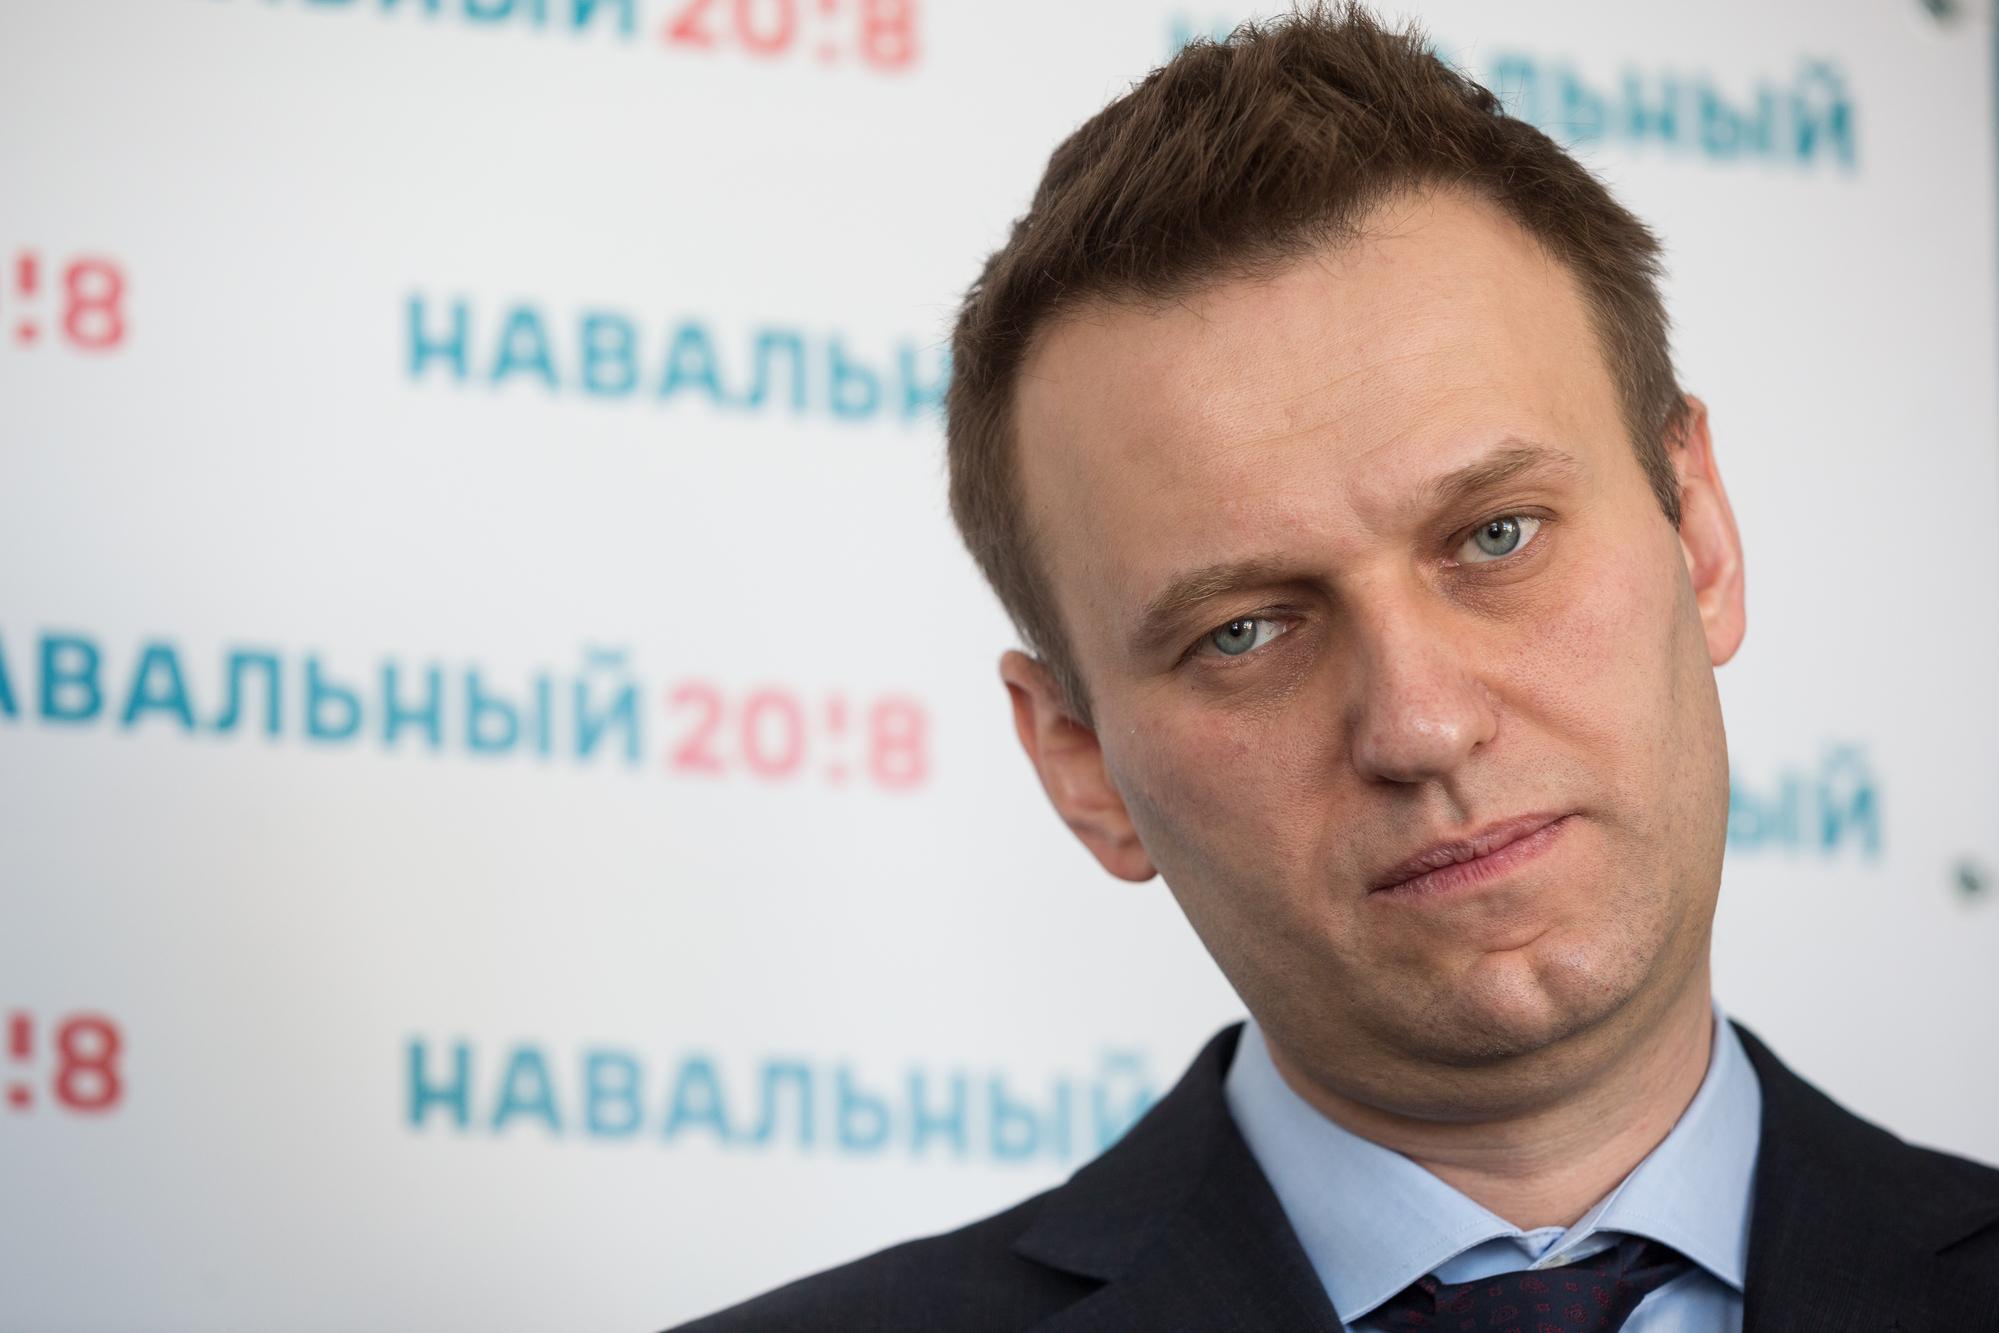 МИД РФ: данные доклада ОЗХО говорят о недоказанности заявлений об отравлении Навального